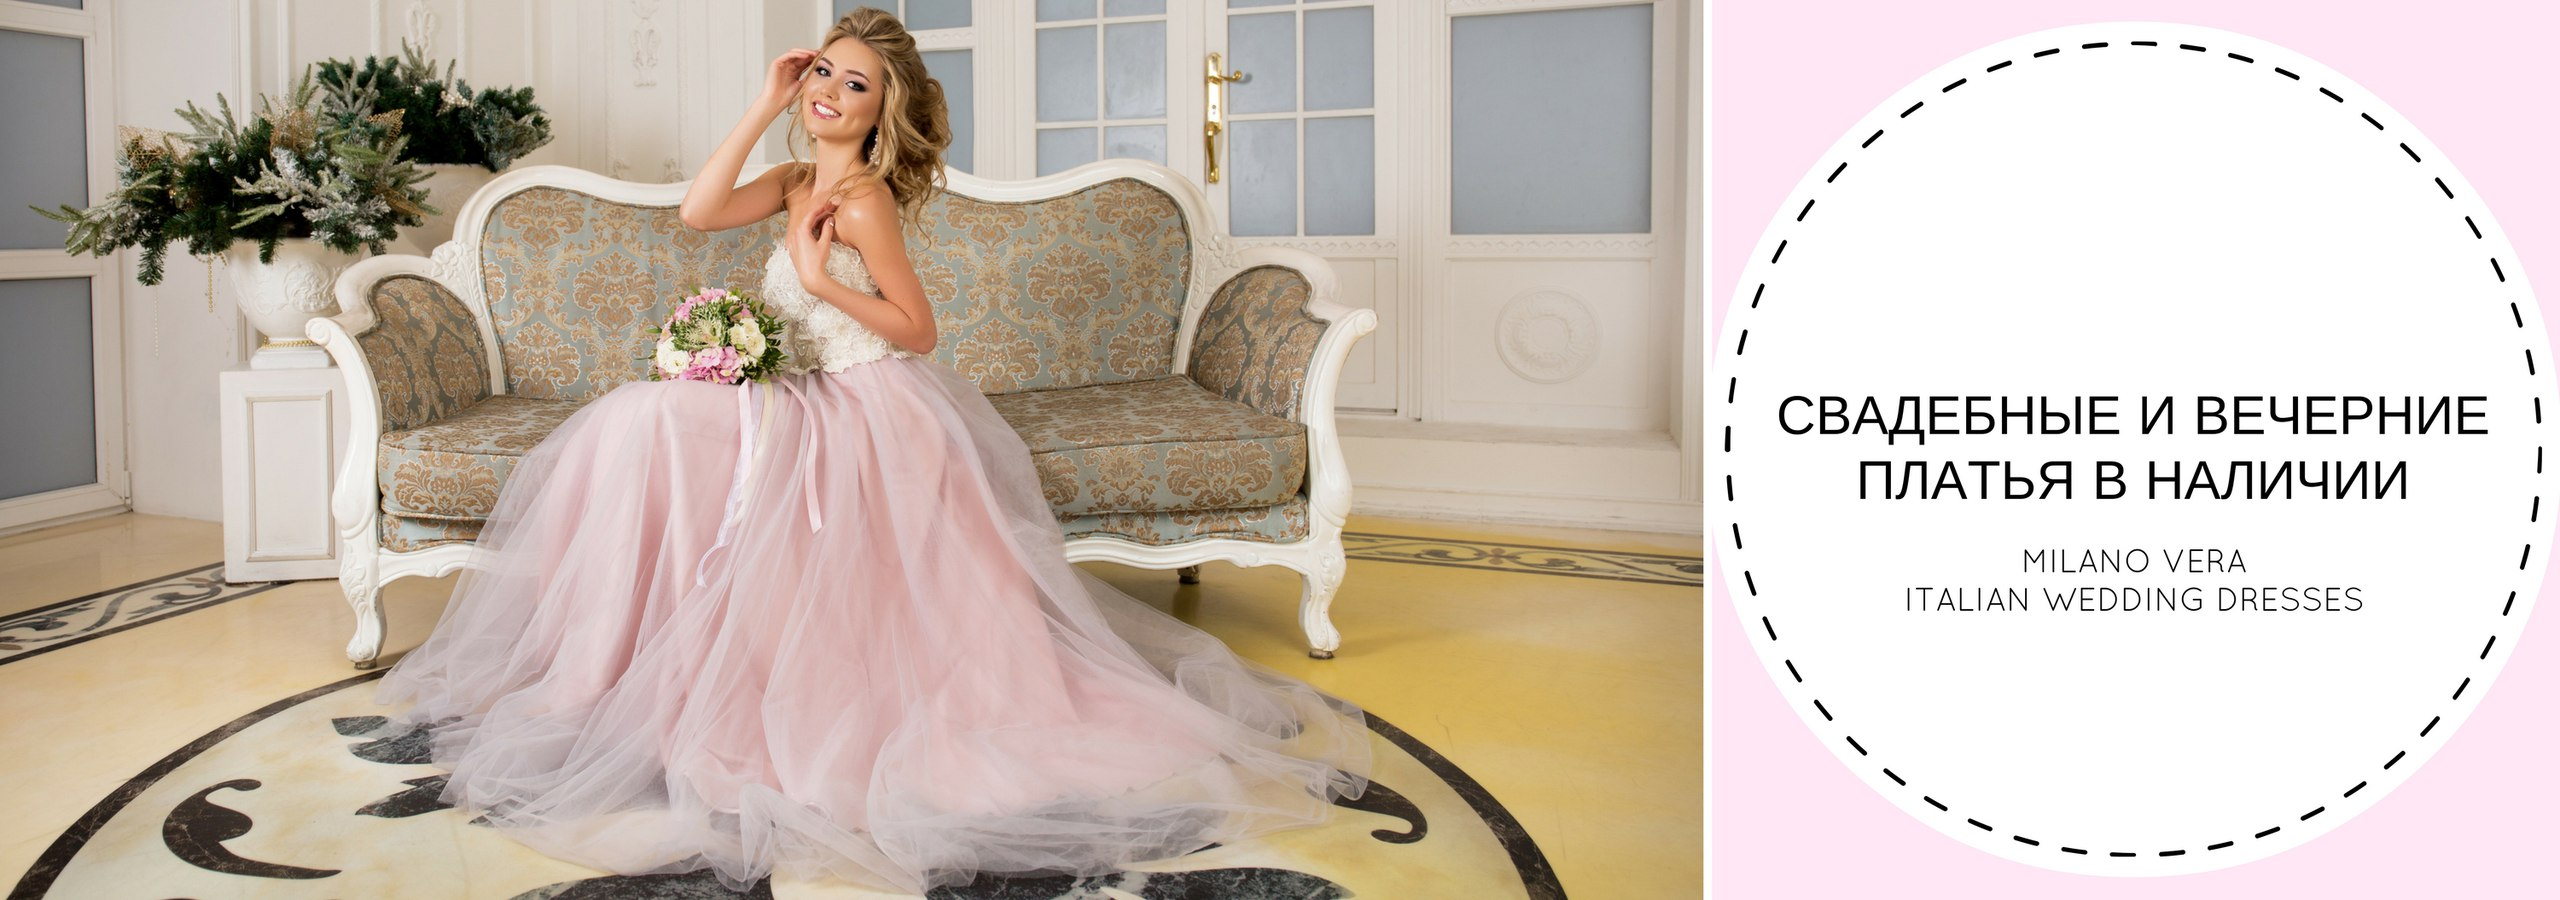 ae8e66a694b Свадебные и вечерние платья в наличии от Milano Vera. В сети свадебных  салонов ...